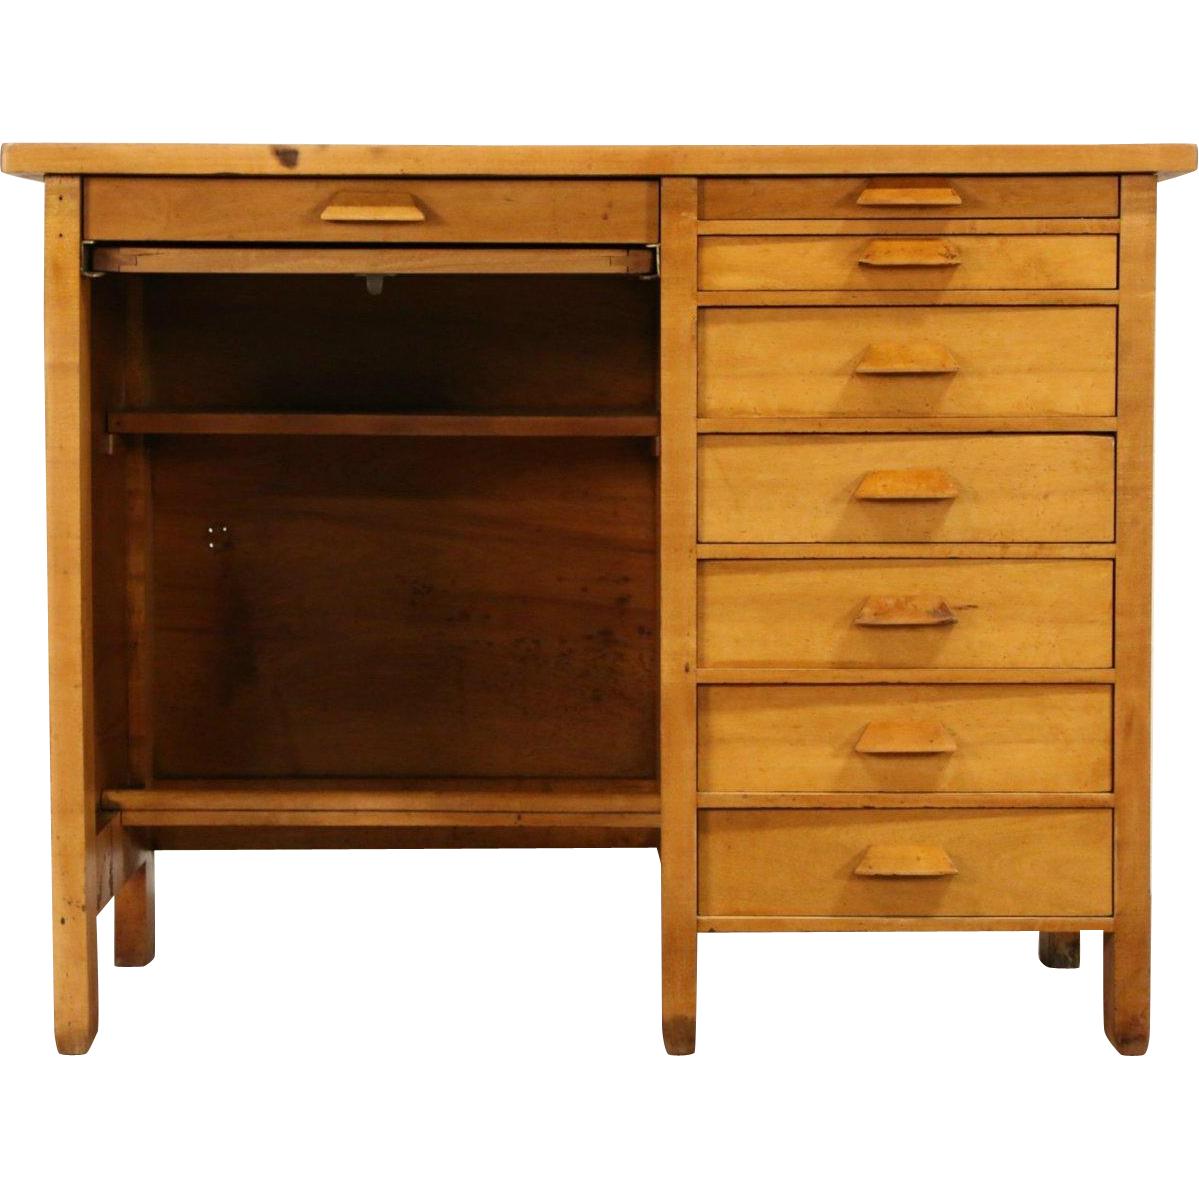 Maple 1910 Antique Printer Desk, Workbench, Kitchen Island, 8 Drawers